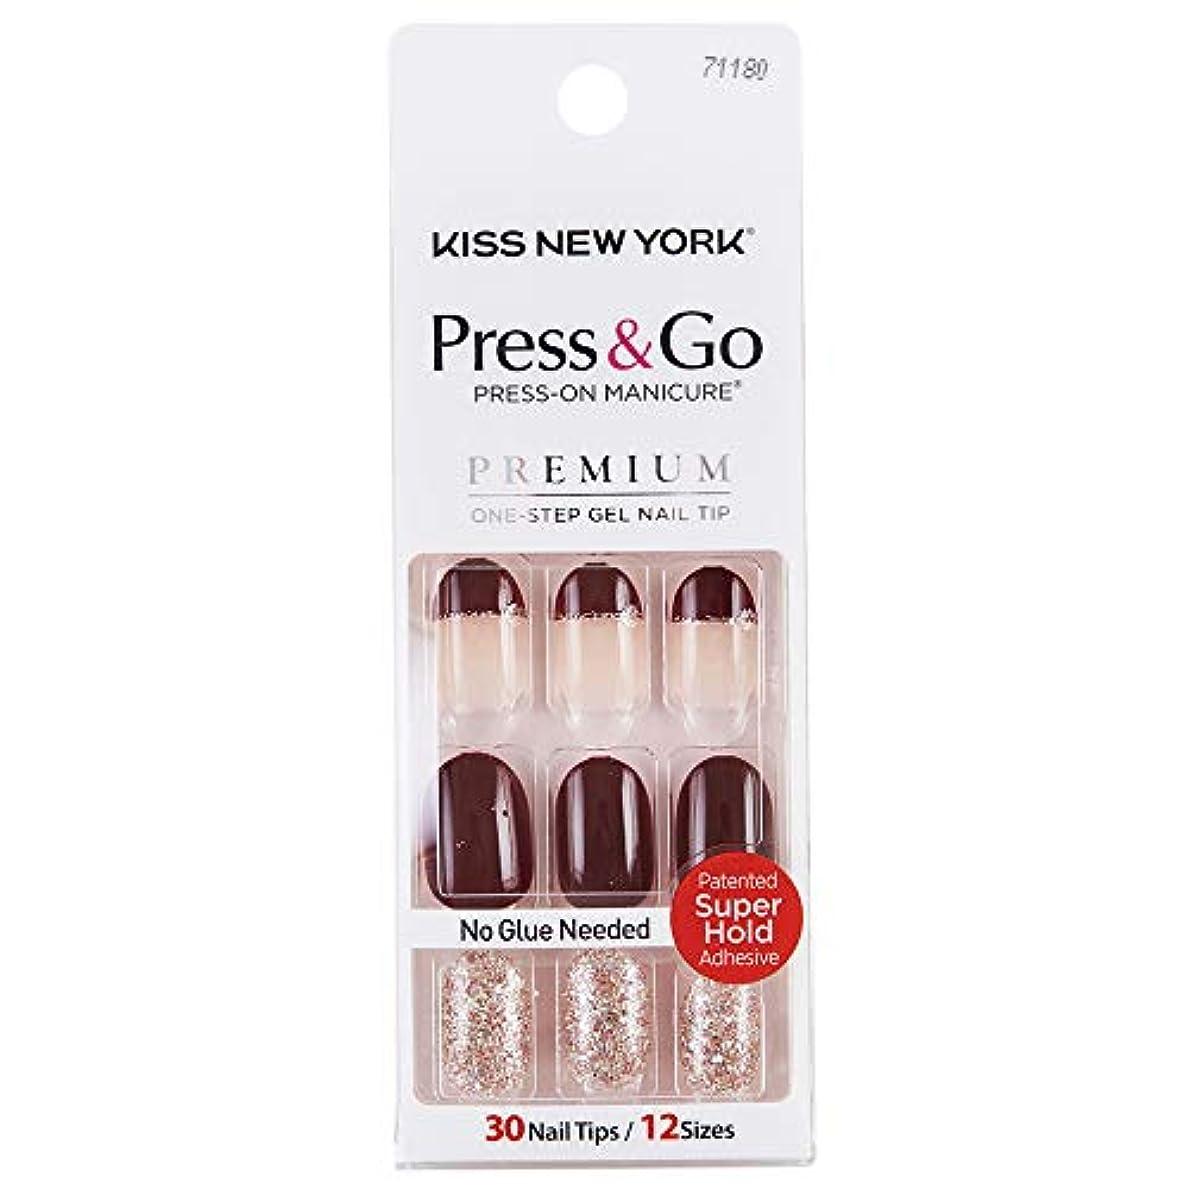 具体的に止まるプラグキスニューヨーク (KISS NEW YORK) KISS NEWYORK ネイルチップPress&Go BHJ29J 19g